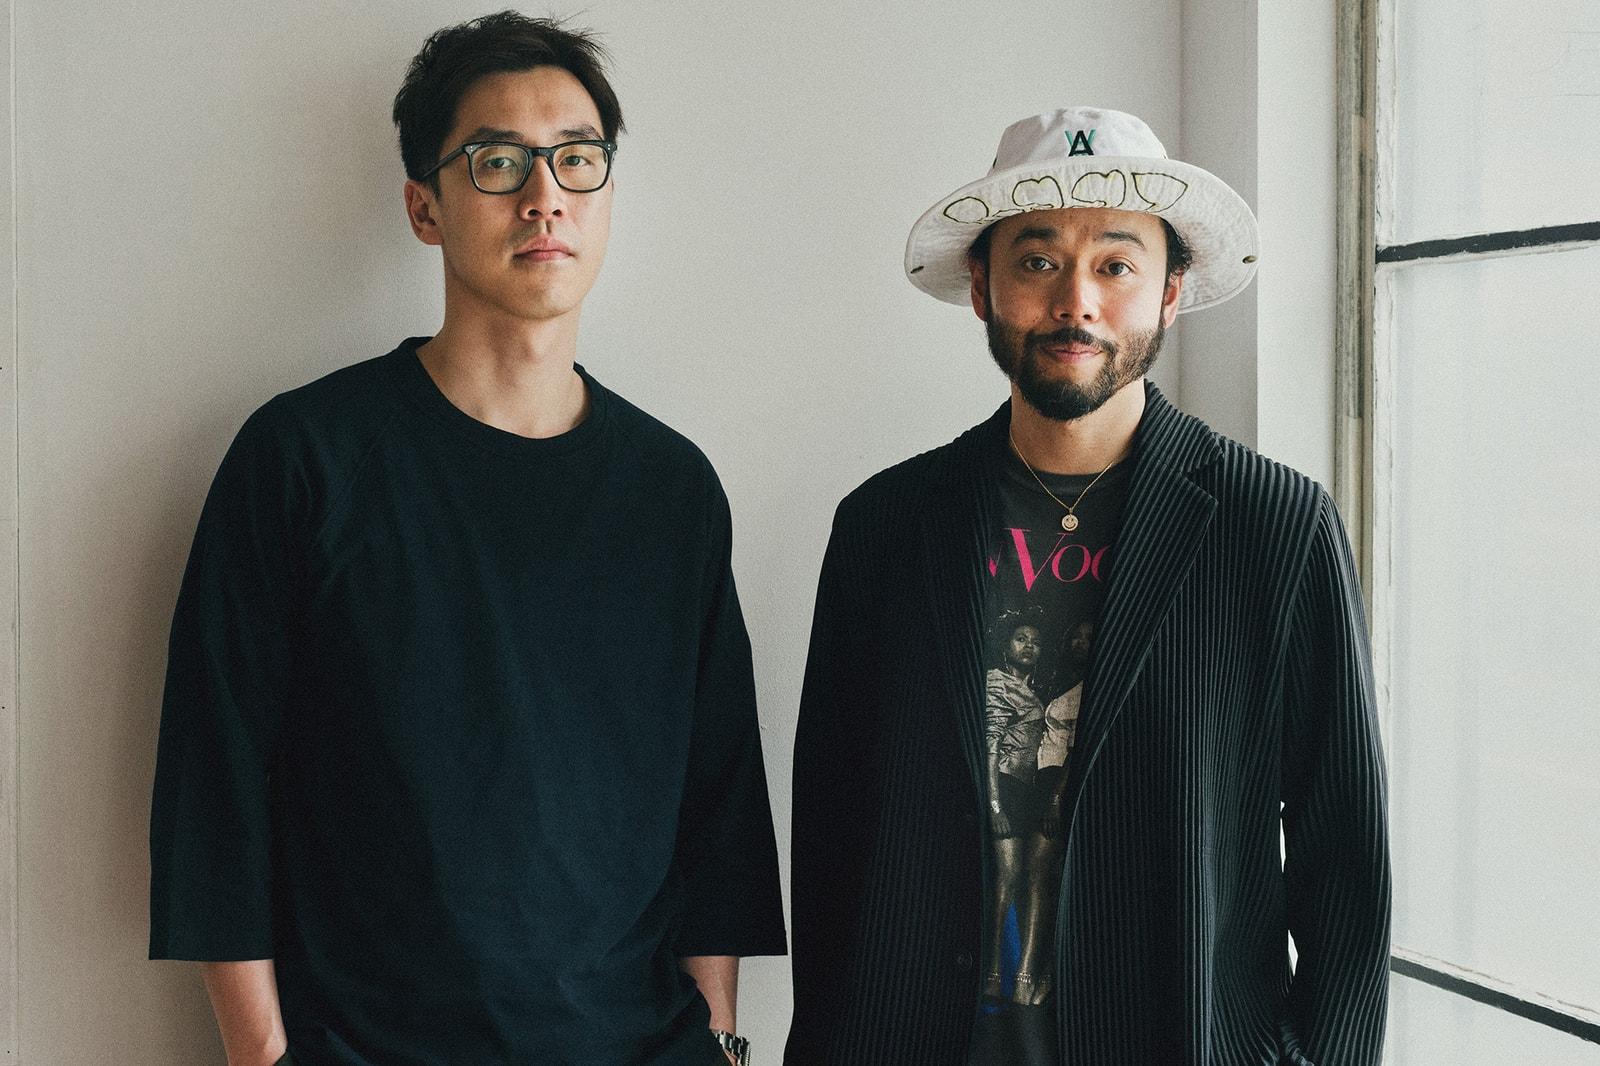 從 90 年代的街頭場景出發,Kevin Ma、Poggy、Bajowoo 及 Yohan Kang 如何詮釋 Bold 精神